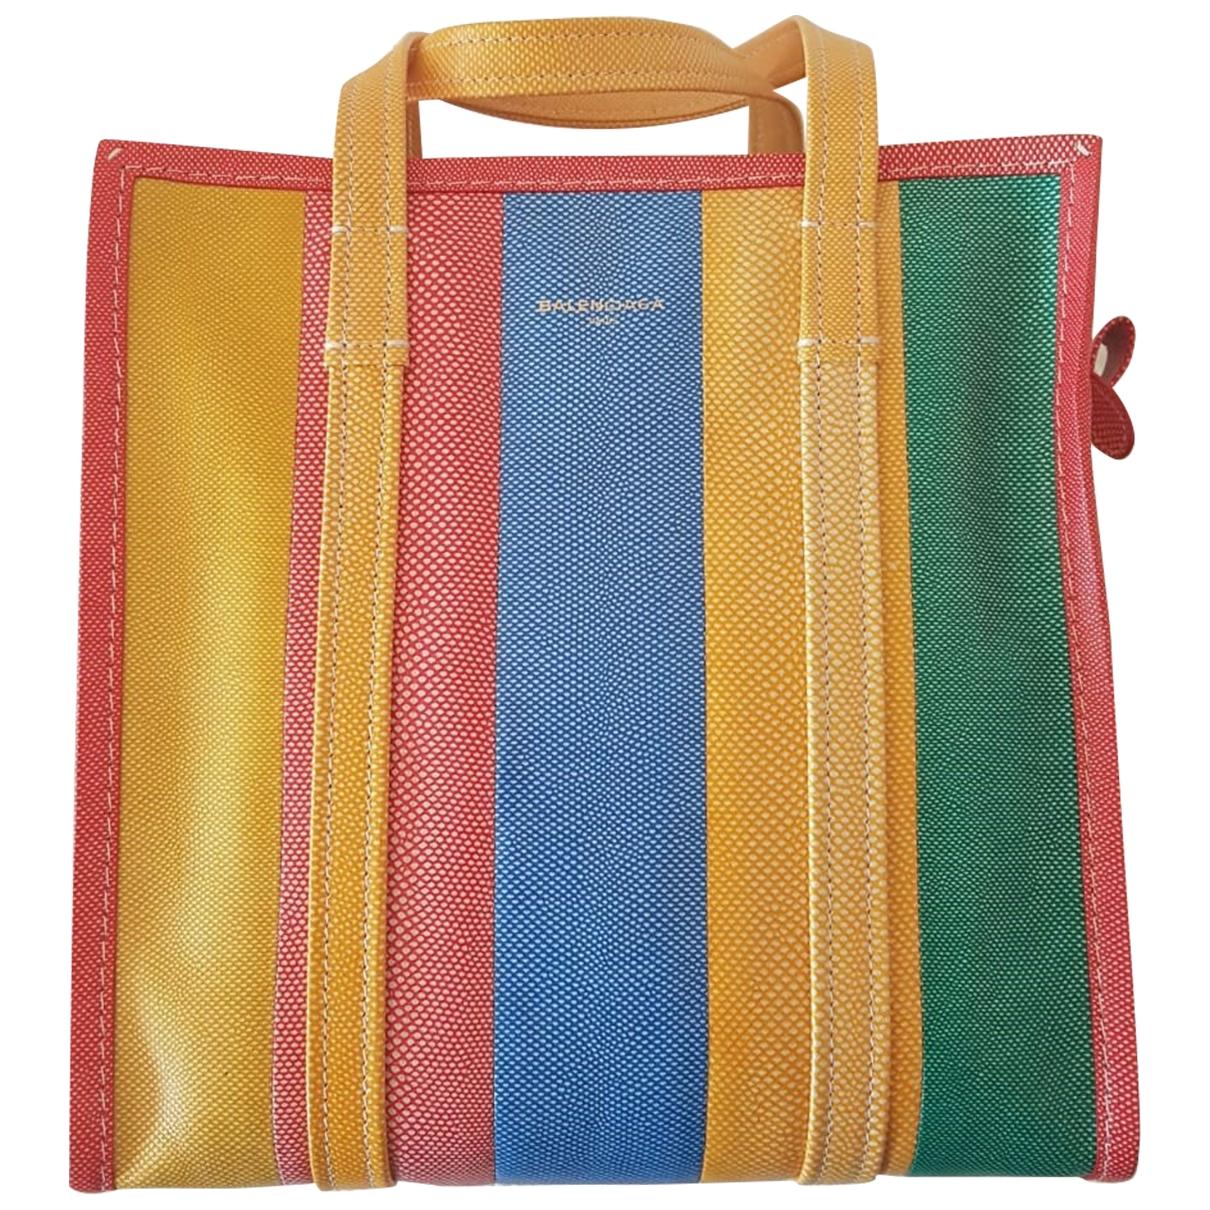 Balenciaga Bazar Bag Multicolour Cloth handbag for Women \N